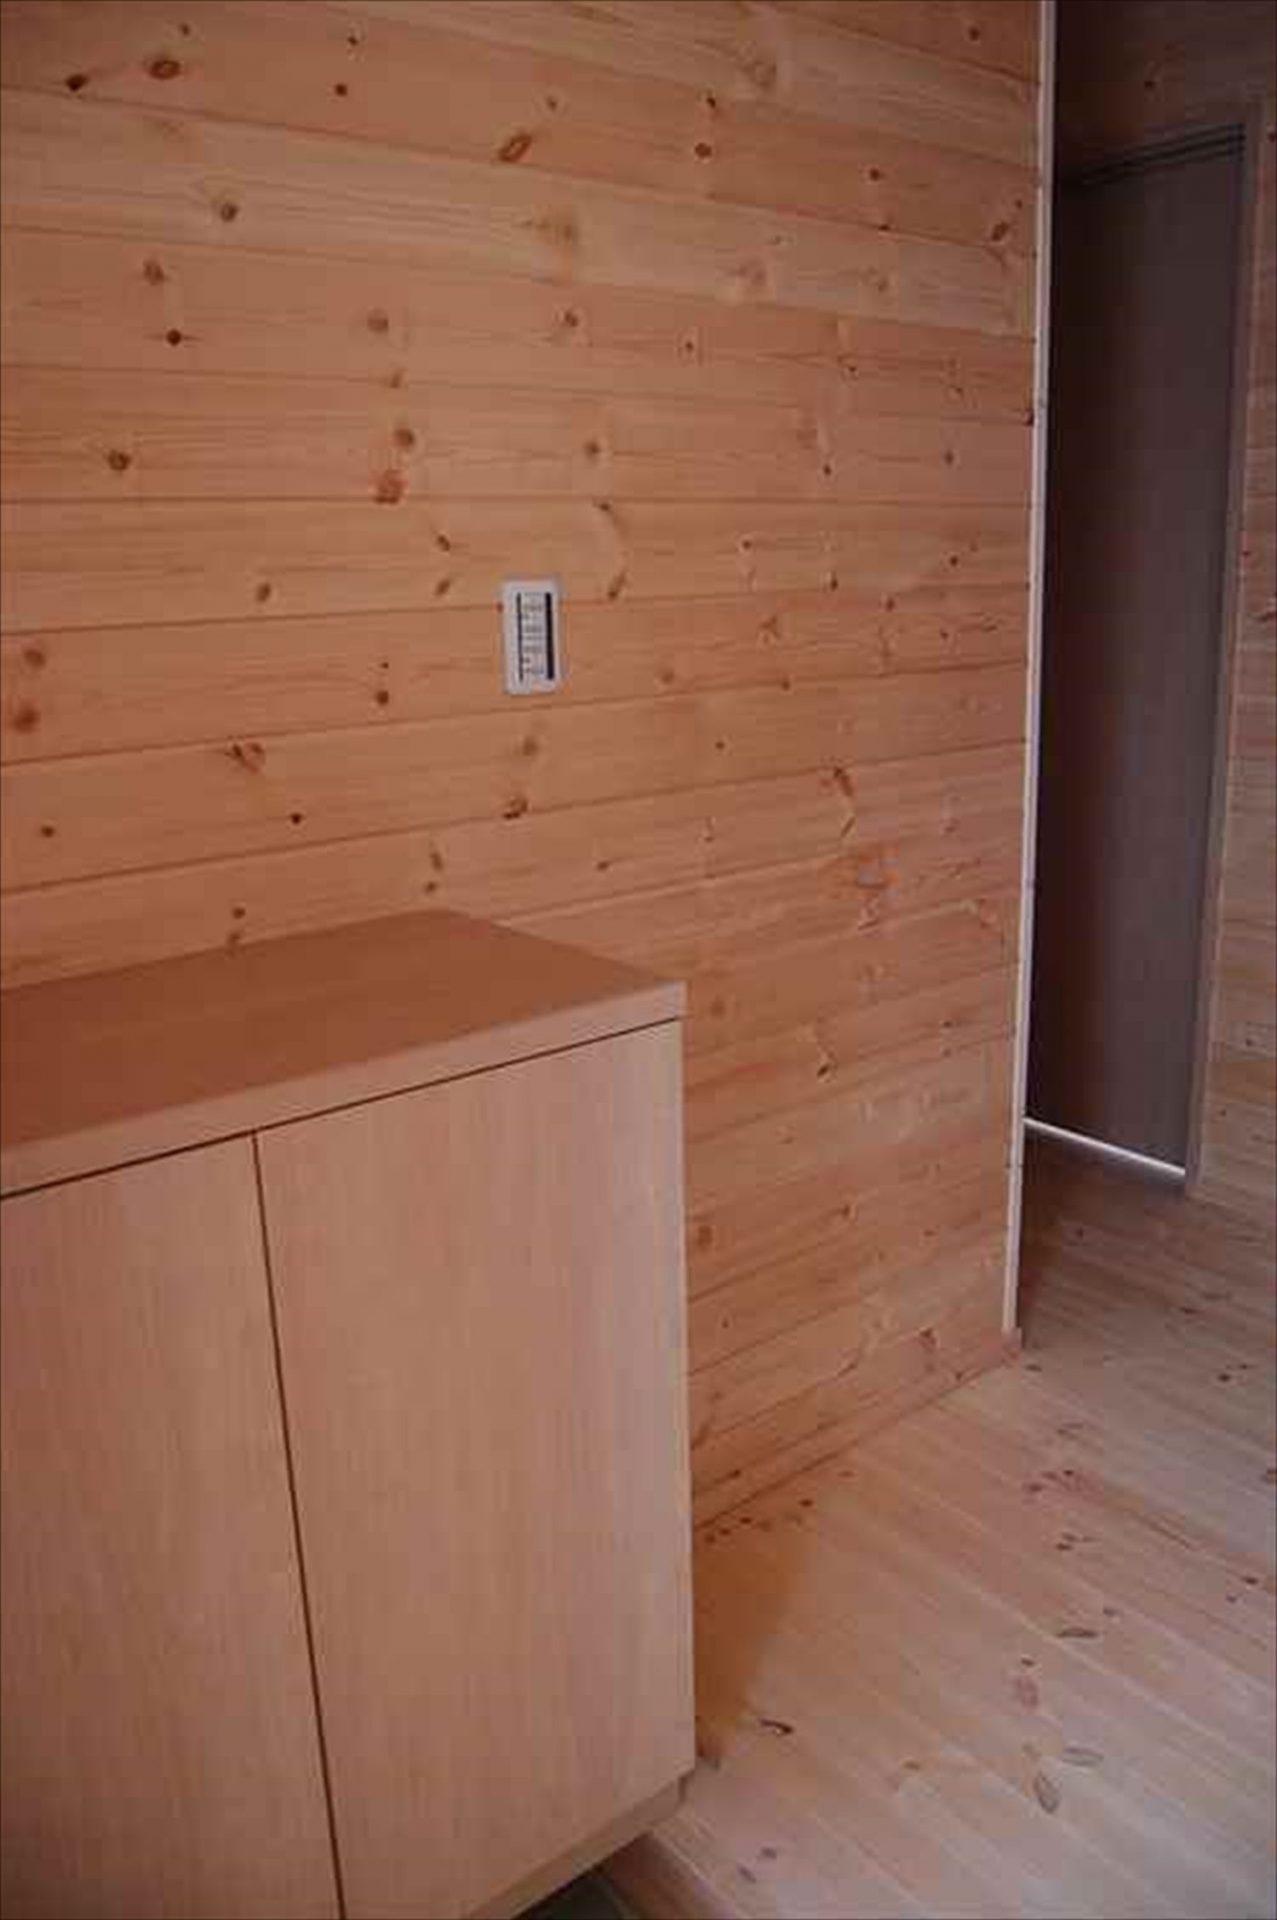 戸建て賃貸住宅の玄関ホール|茨城の注文住宅,ログハウスのような木の家を低価格で建てるならエイ・ワン